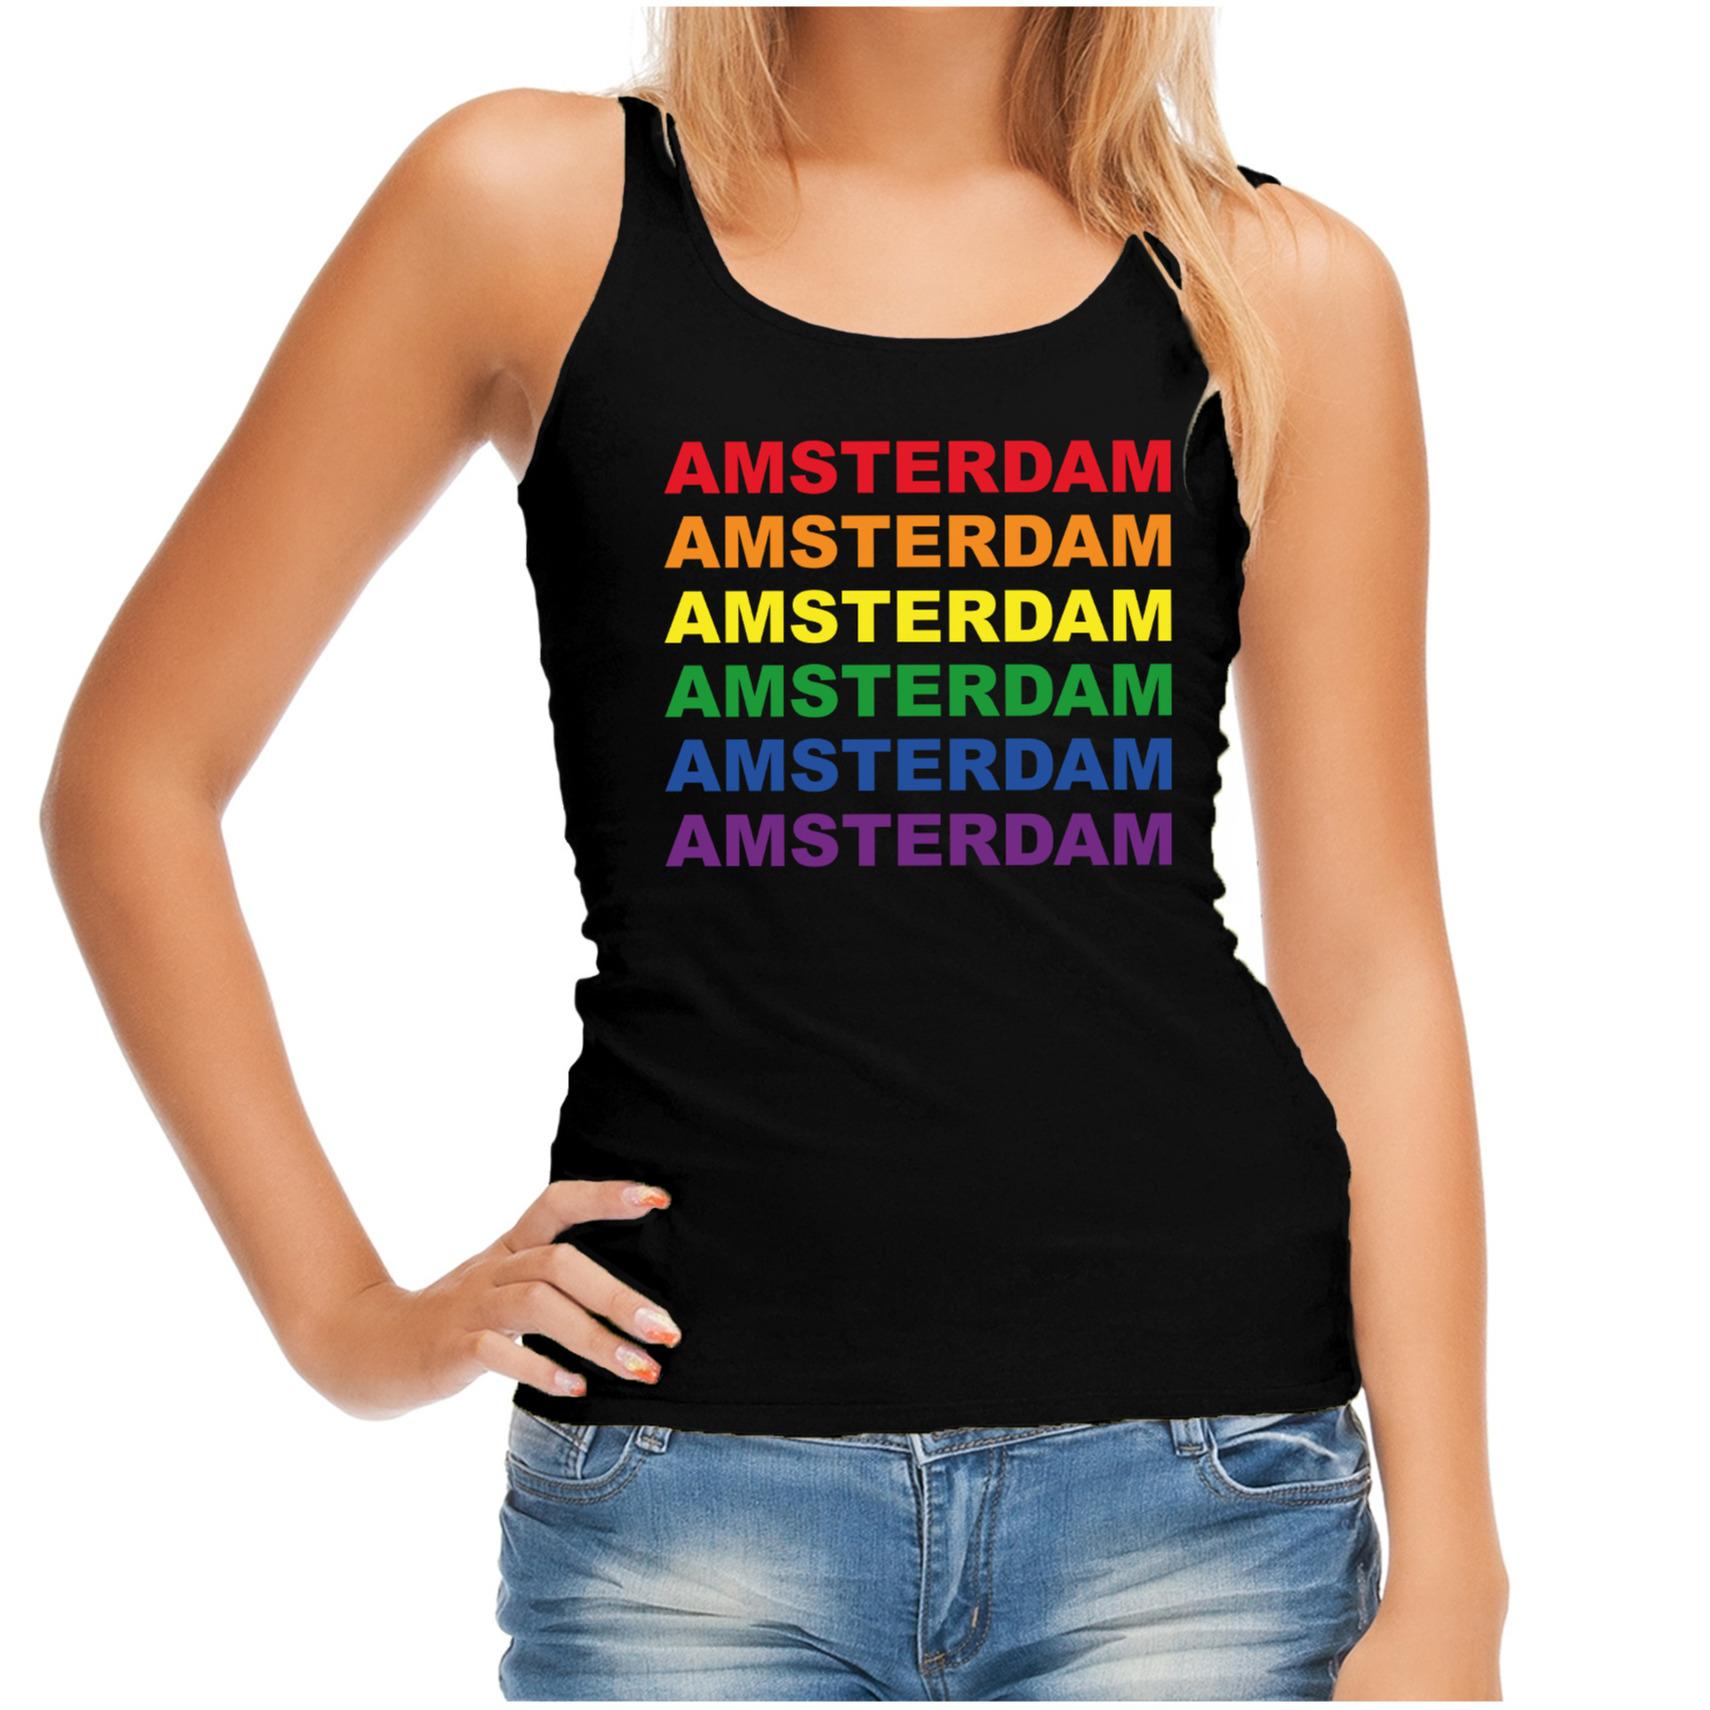 Regenboog amsterdam gay pride evenement tanktop voor dames zwart